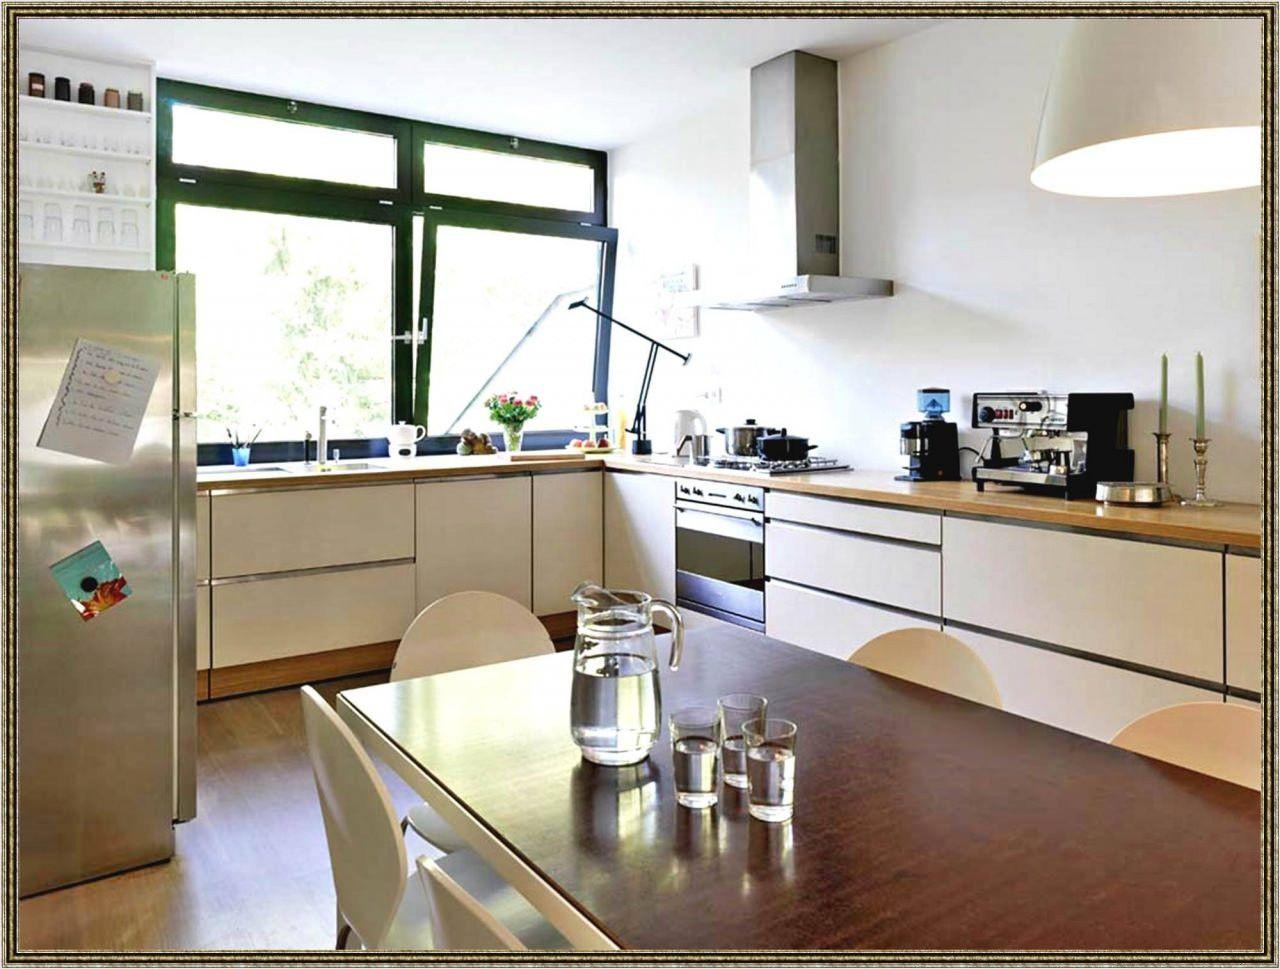 kueche neu gestalten ideen Wandgestaltung küche, Küche